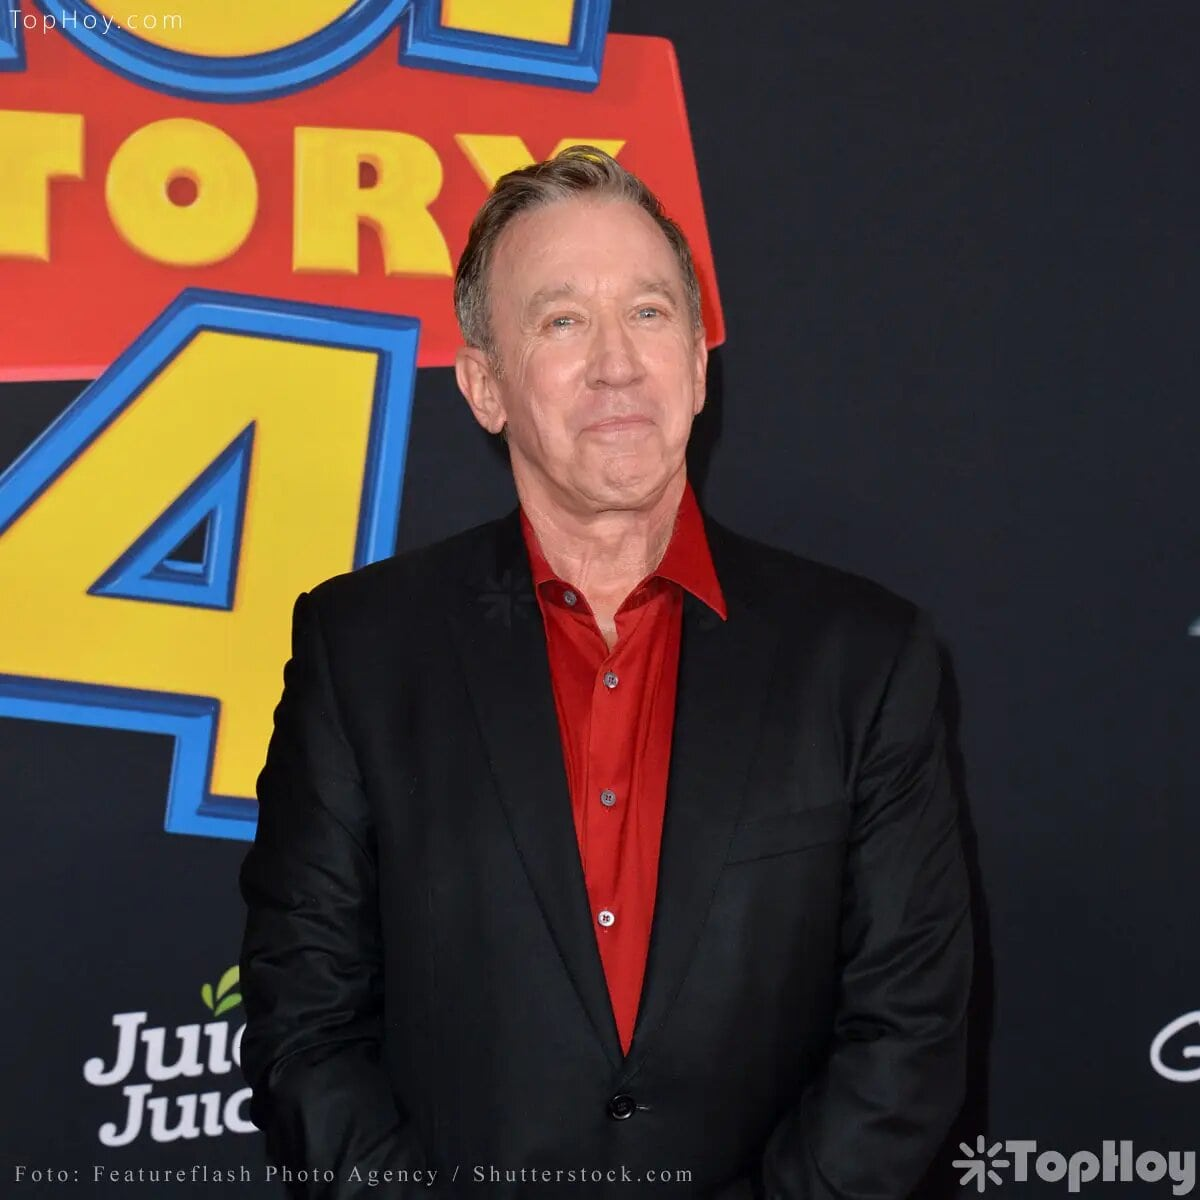 La voz de Buzz Lightyear se la ofrecieron en un primer momento a Jim Carrey, pero sus honorarios fueron tan elevados, que Pixar decidió entonces contratar al también actor, Tim Allen.